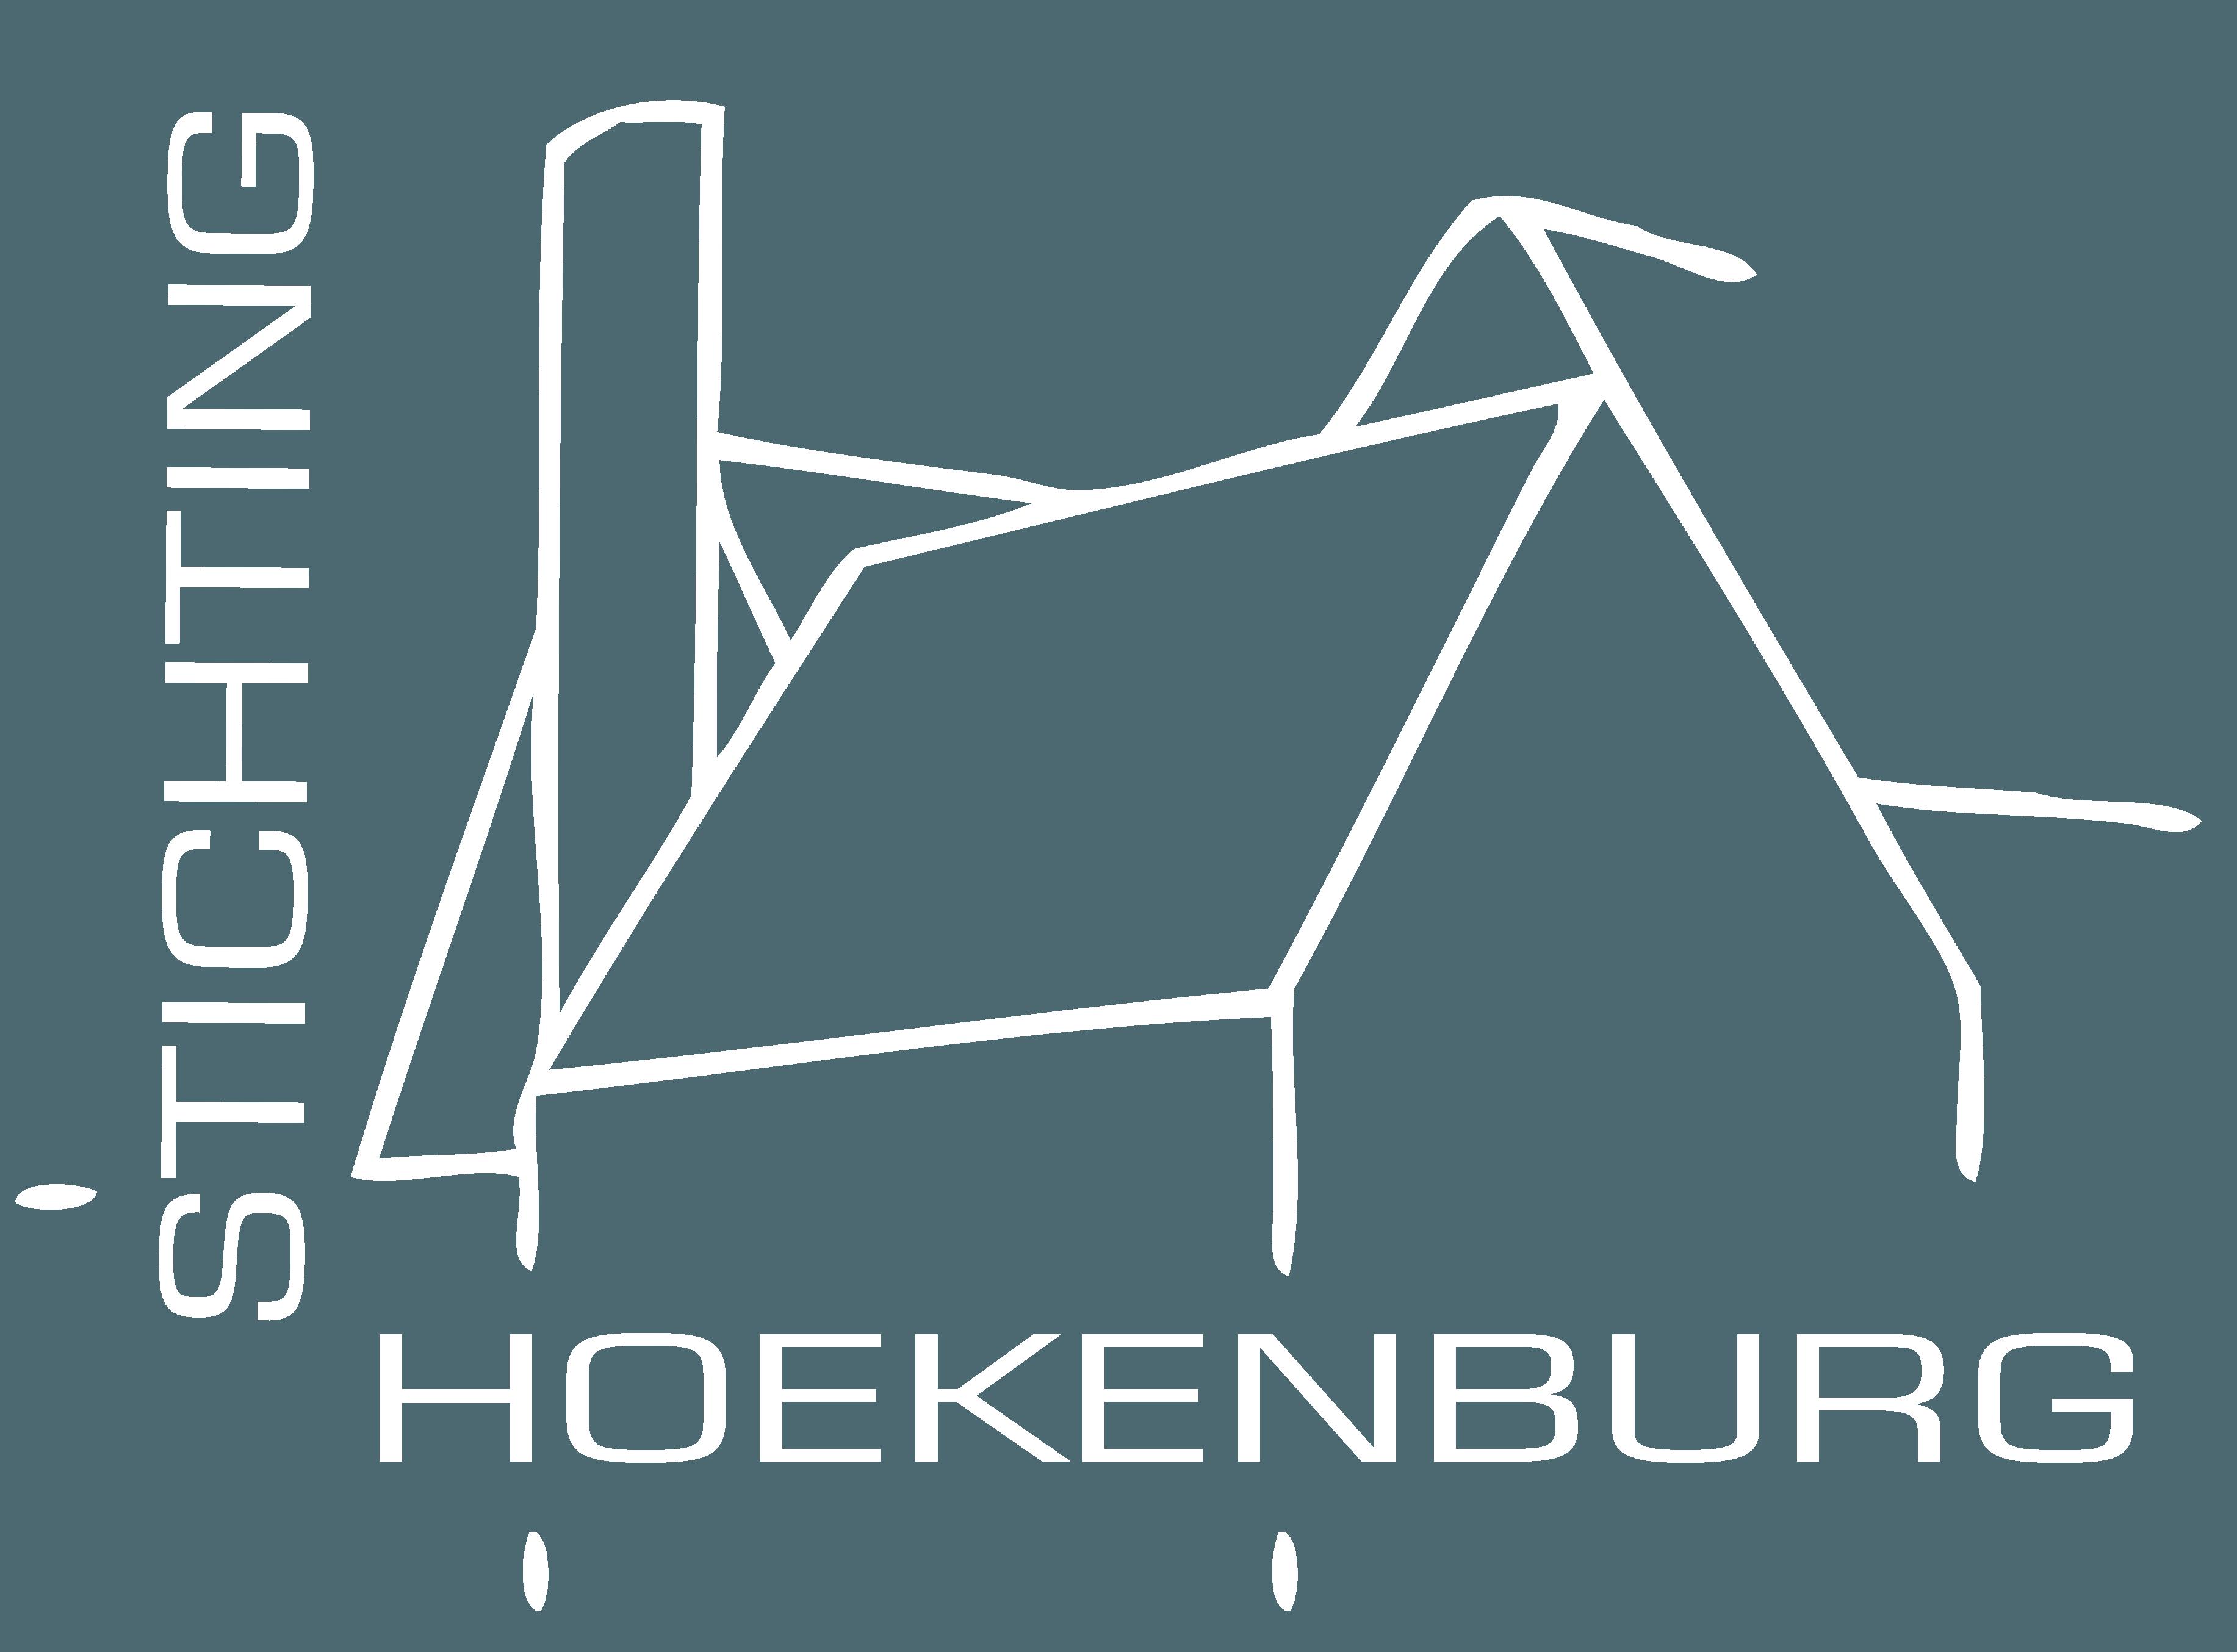 Hoekenburg